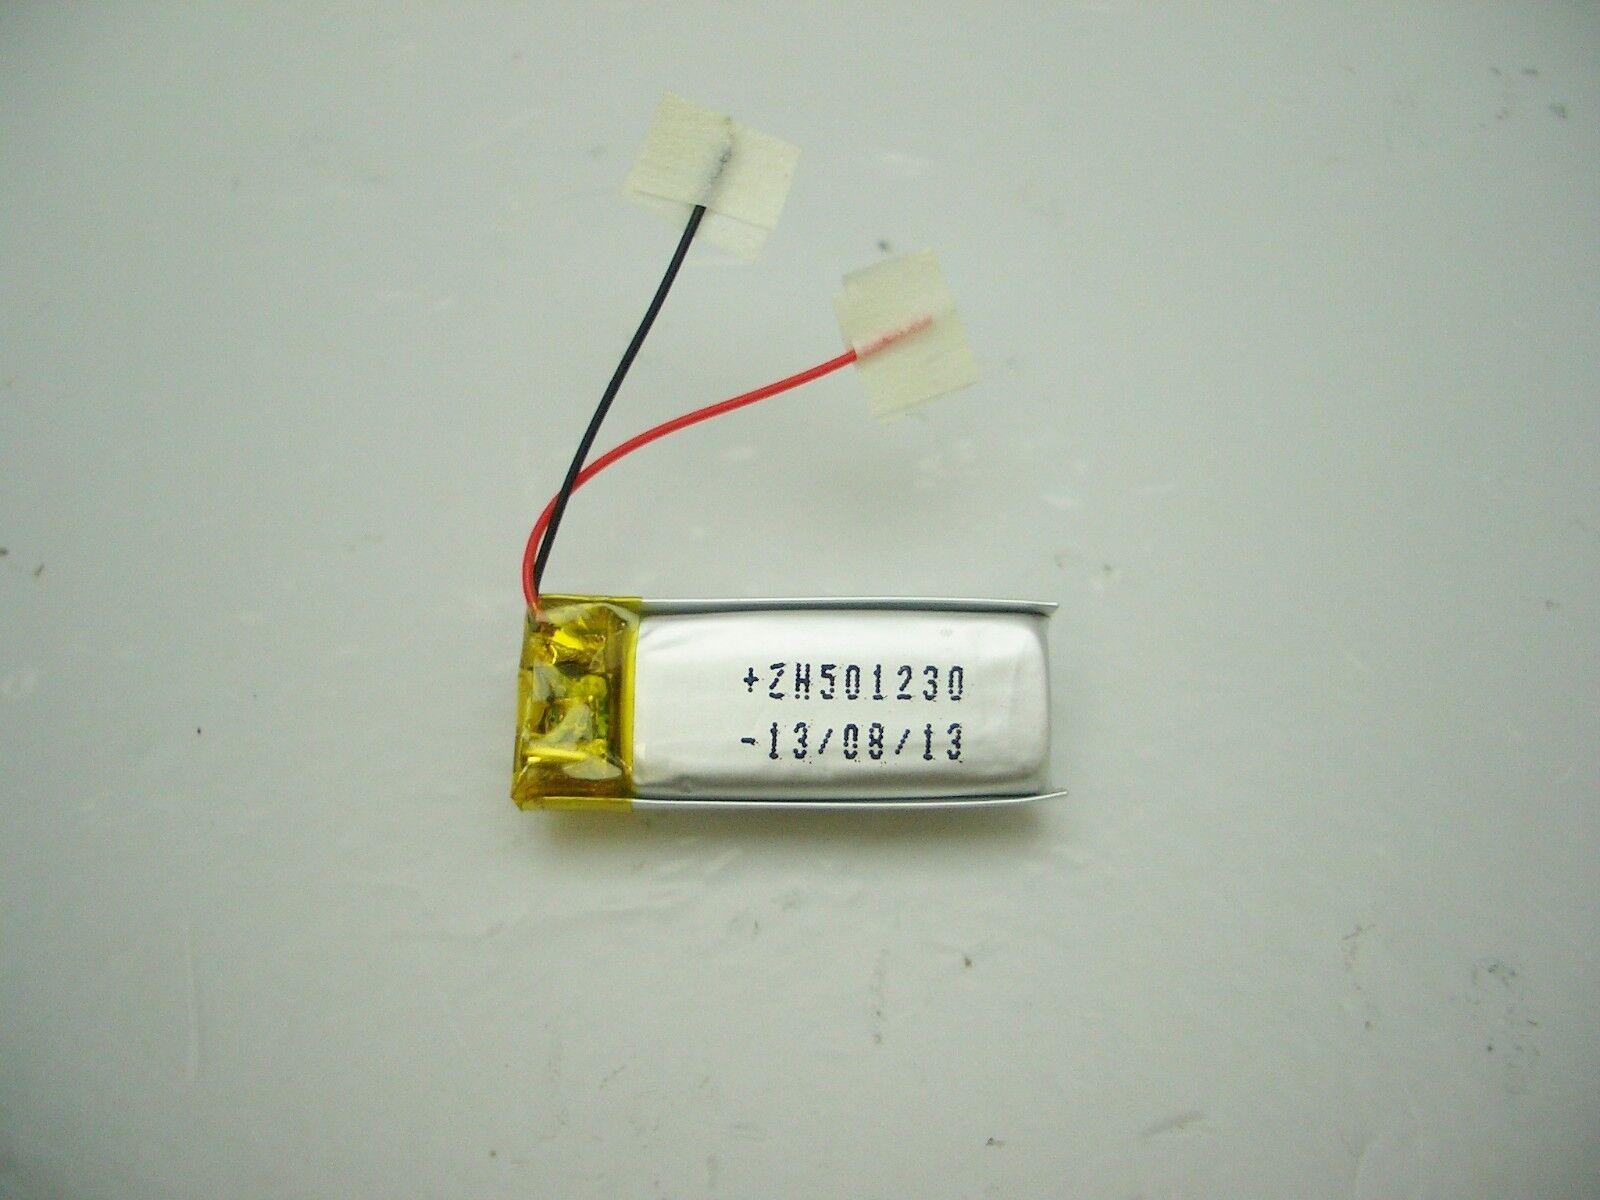 70868-01  Battery for  Jabra BT250V  BT2020  BT4010  VH110  BT2010  BT500V   NEW